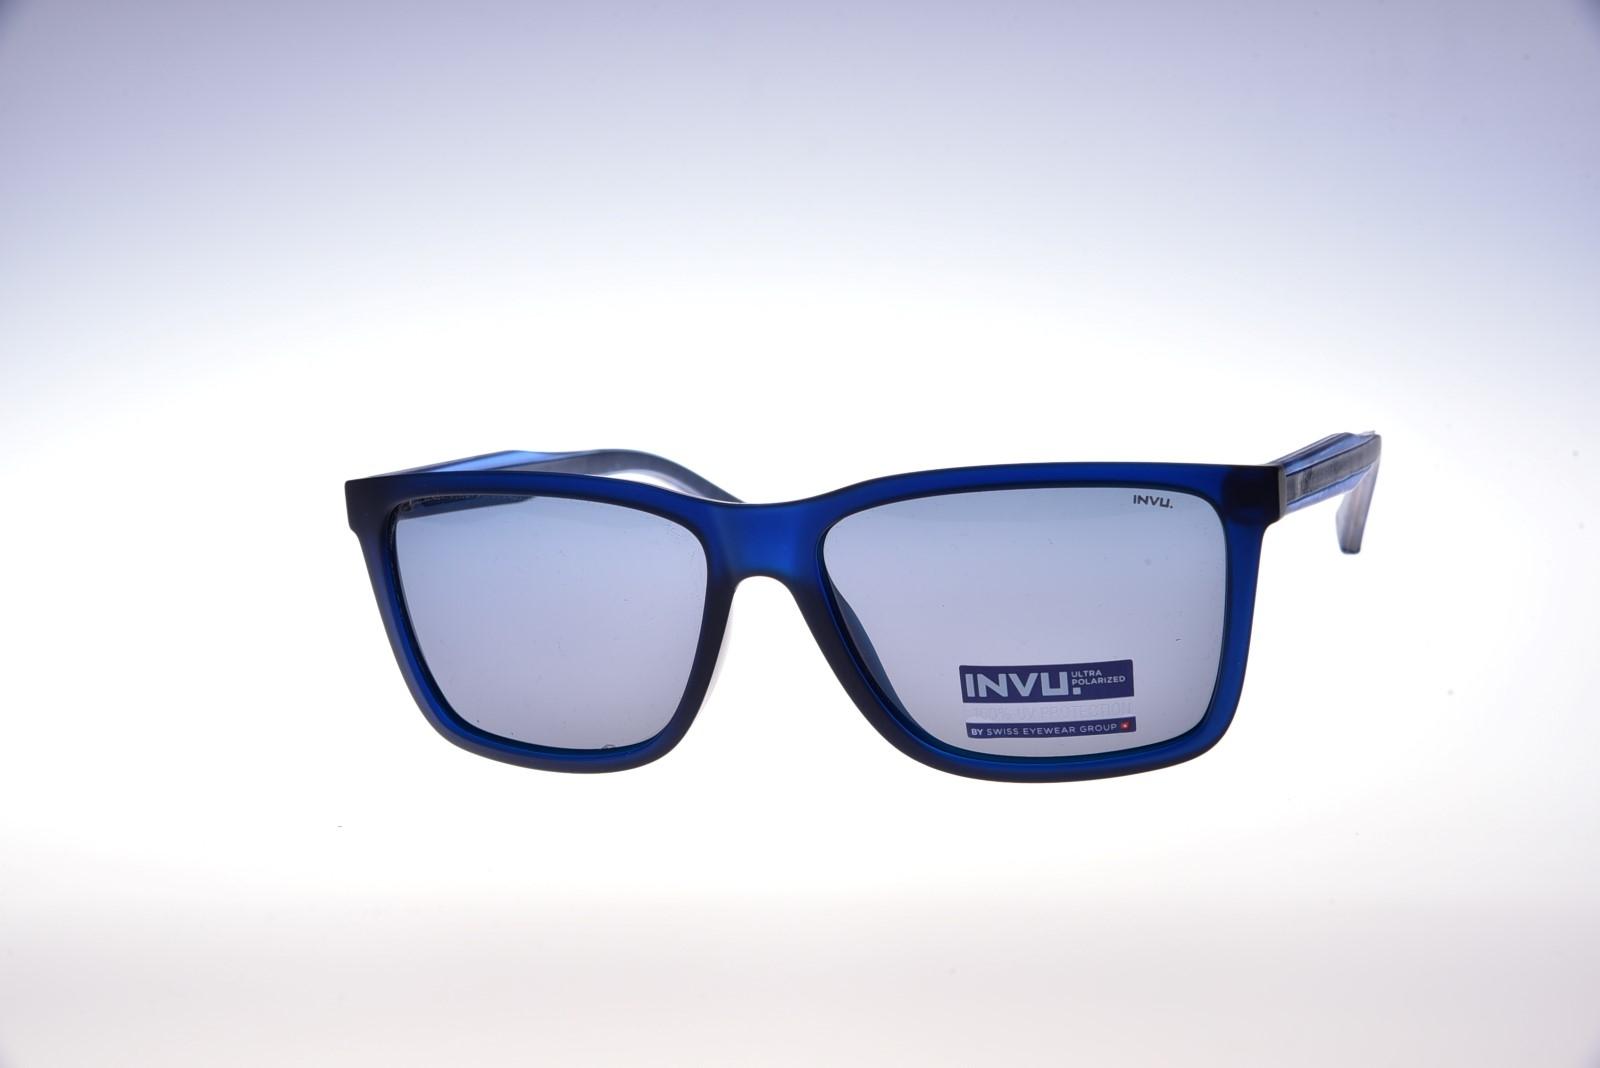 INVU. Classic B2721B - Pánske slnečné okuliare